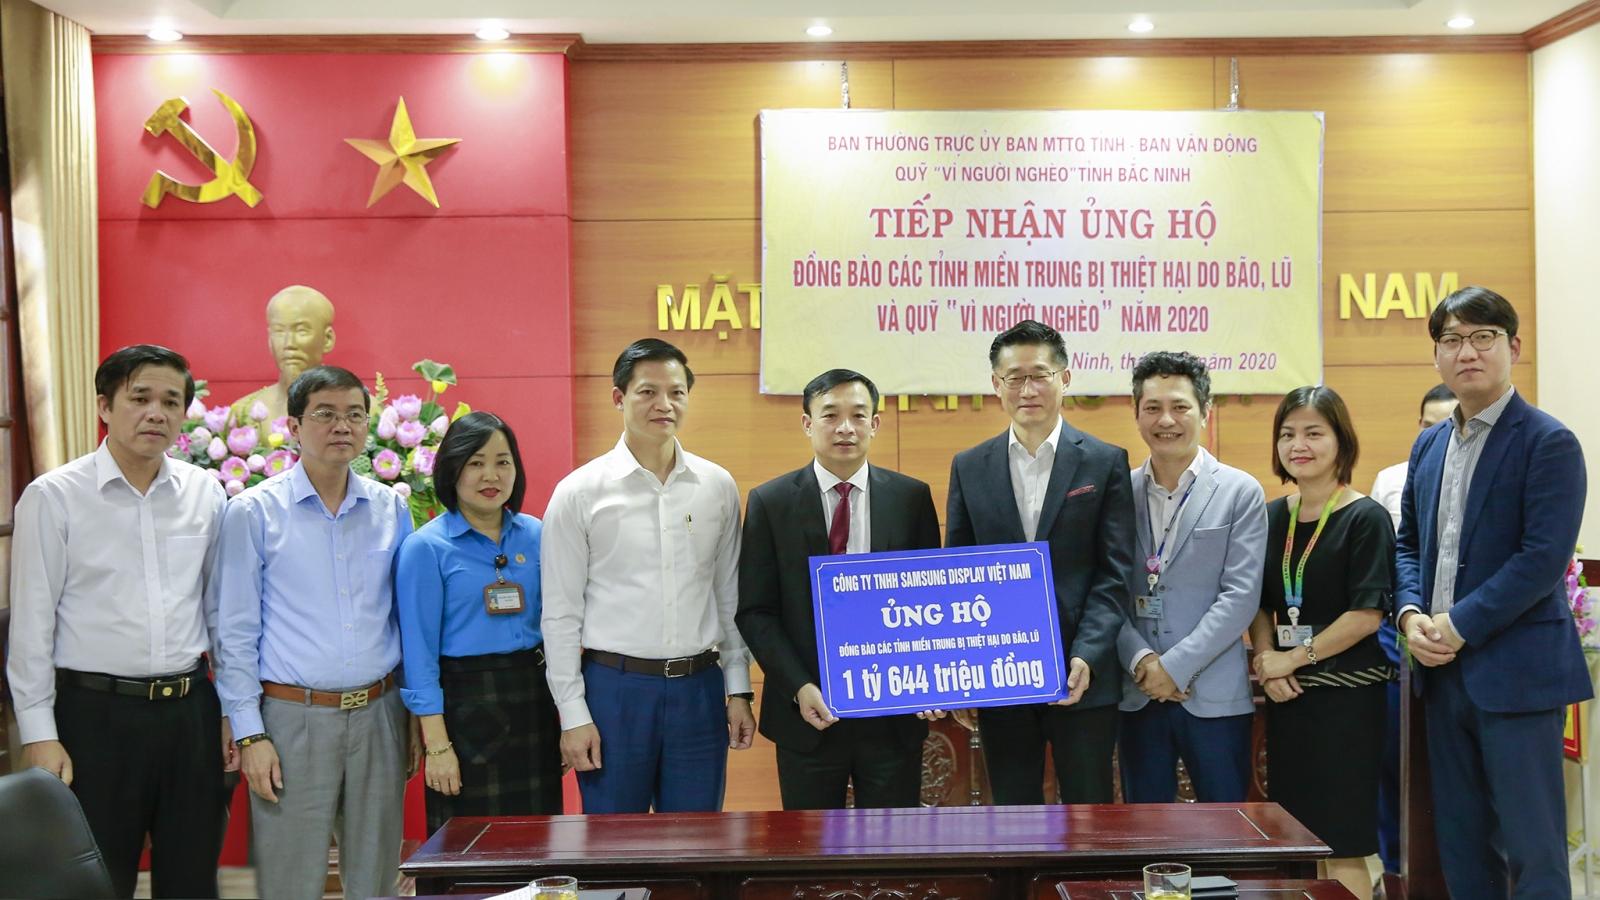 Các nhà máy và nhân viên Samsung Việt Nam ủng hộ 5 tỷ đồng cho đồng bào miền Trung